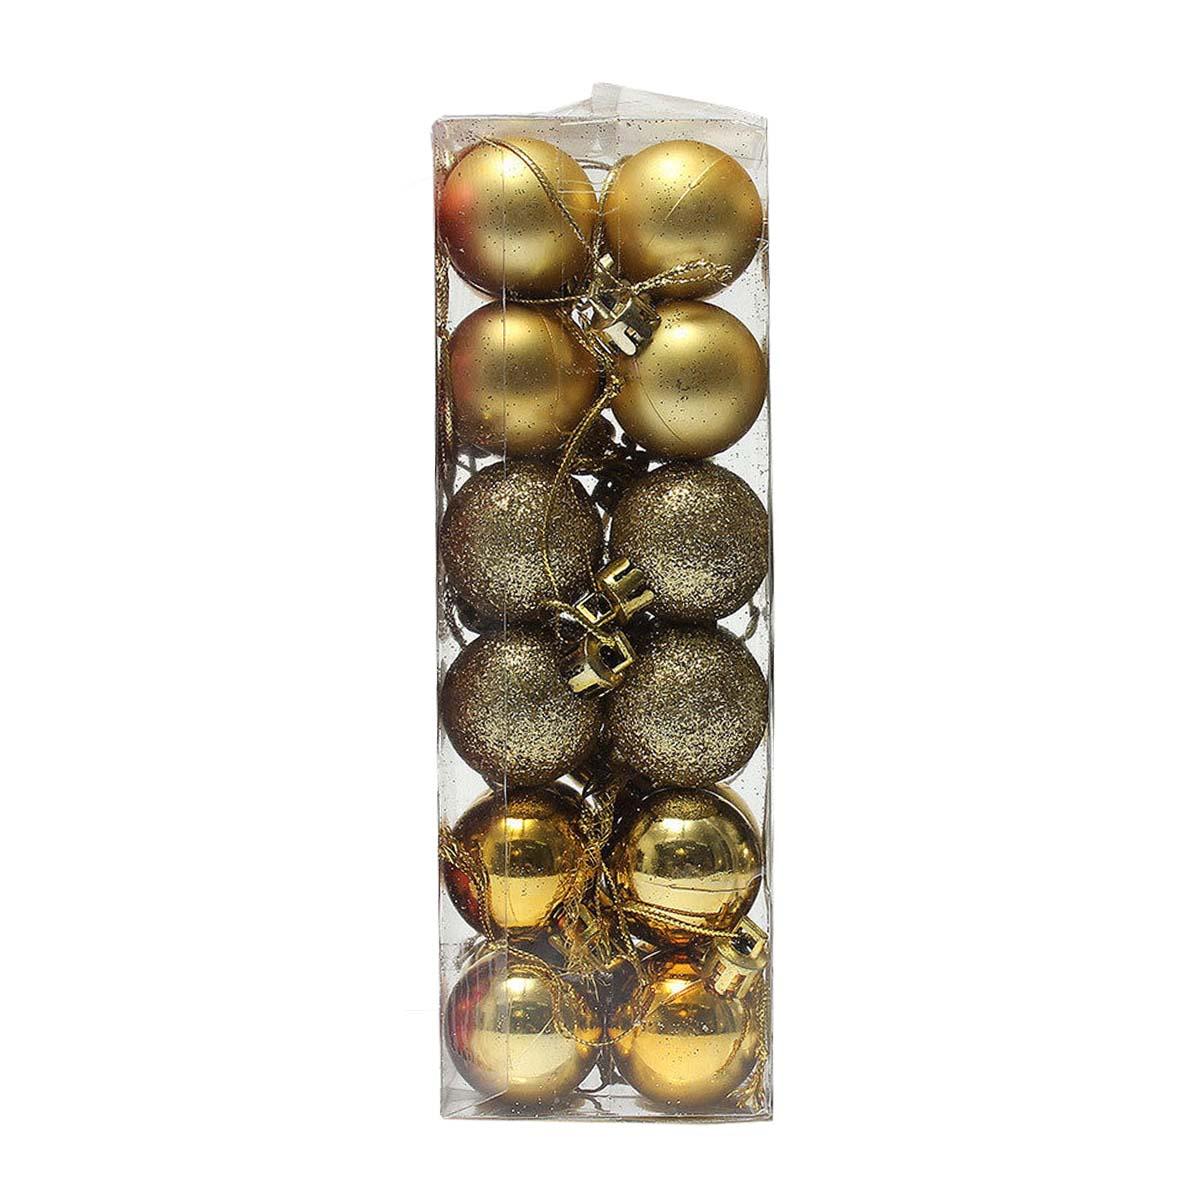 24 st ck weihnachtsbaum dekor kugel spielzeug h ngend weihnachtsdeko golden s2z6 ebay - Weihnachtsdeko hangend ...